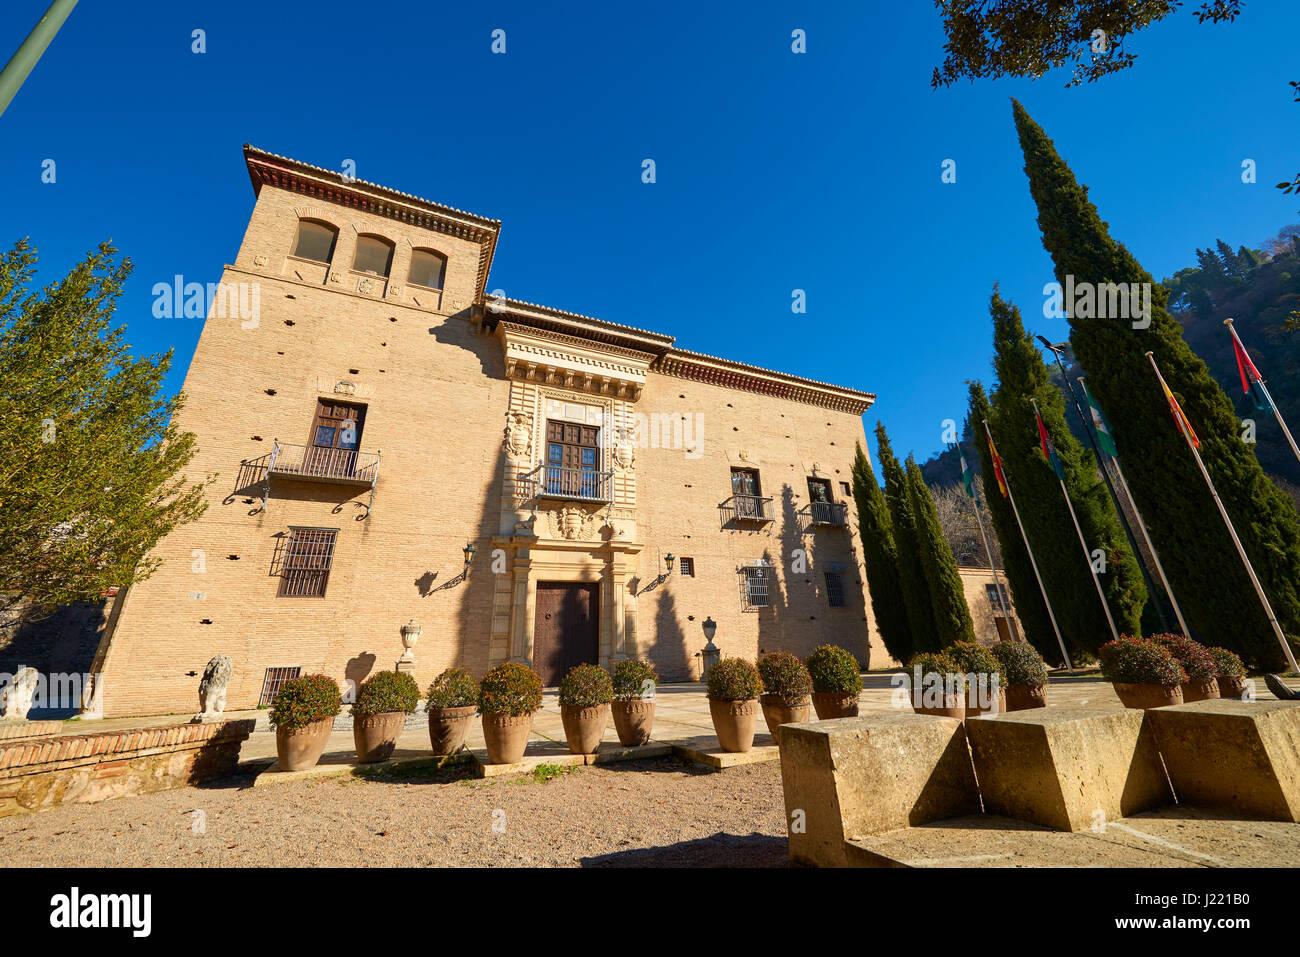 Palacio de los Córdoba (Archivio storico), Granada, Andalusia, Spagna, Europa Immagini Stock